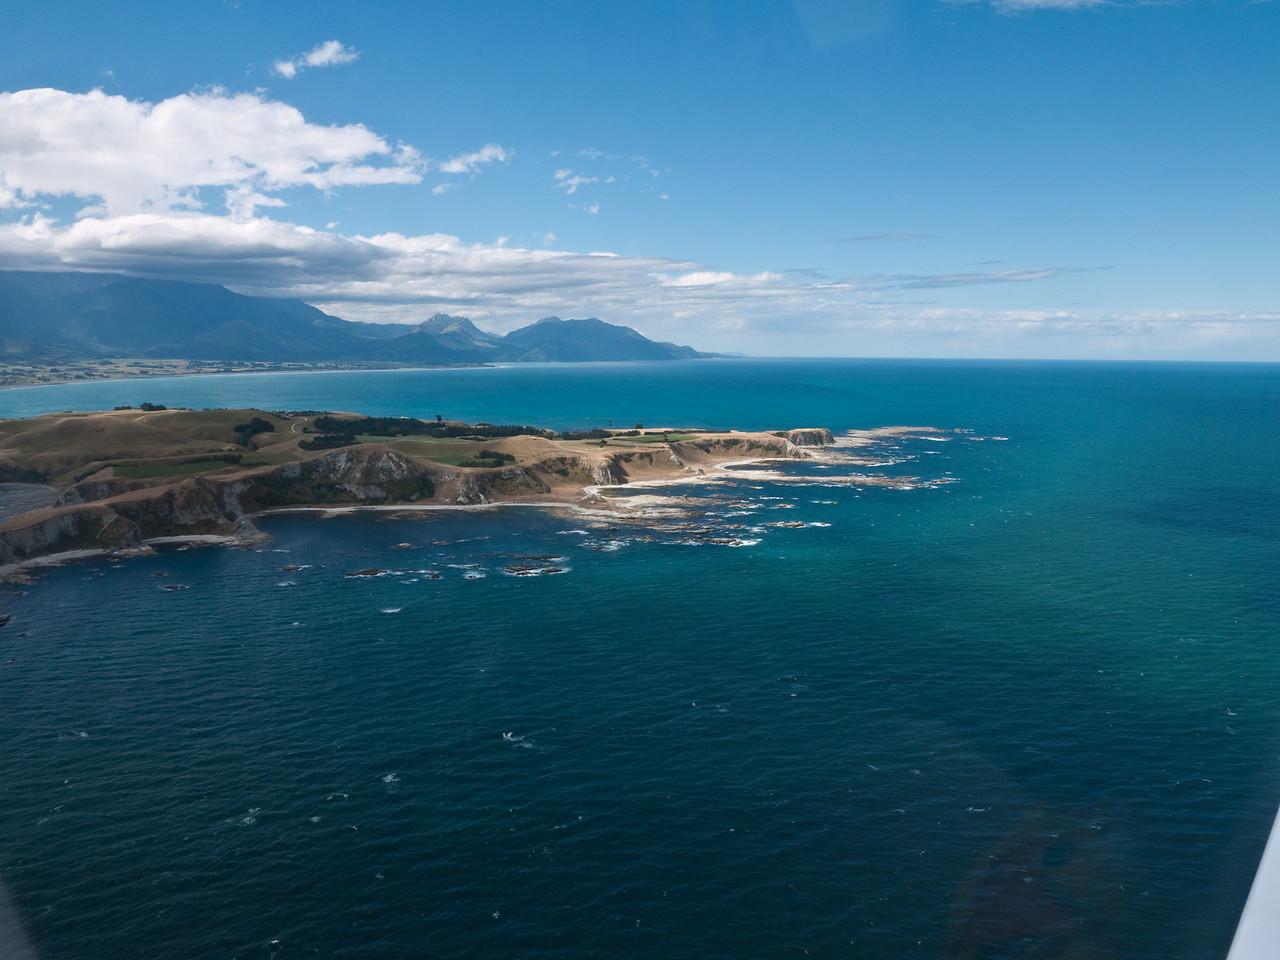 Coastline off Kaikoura